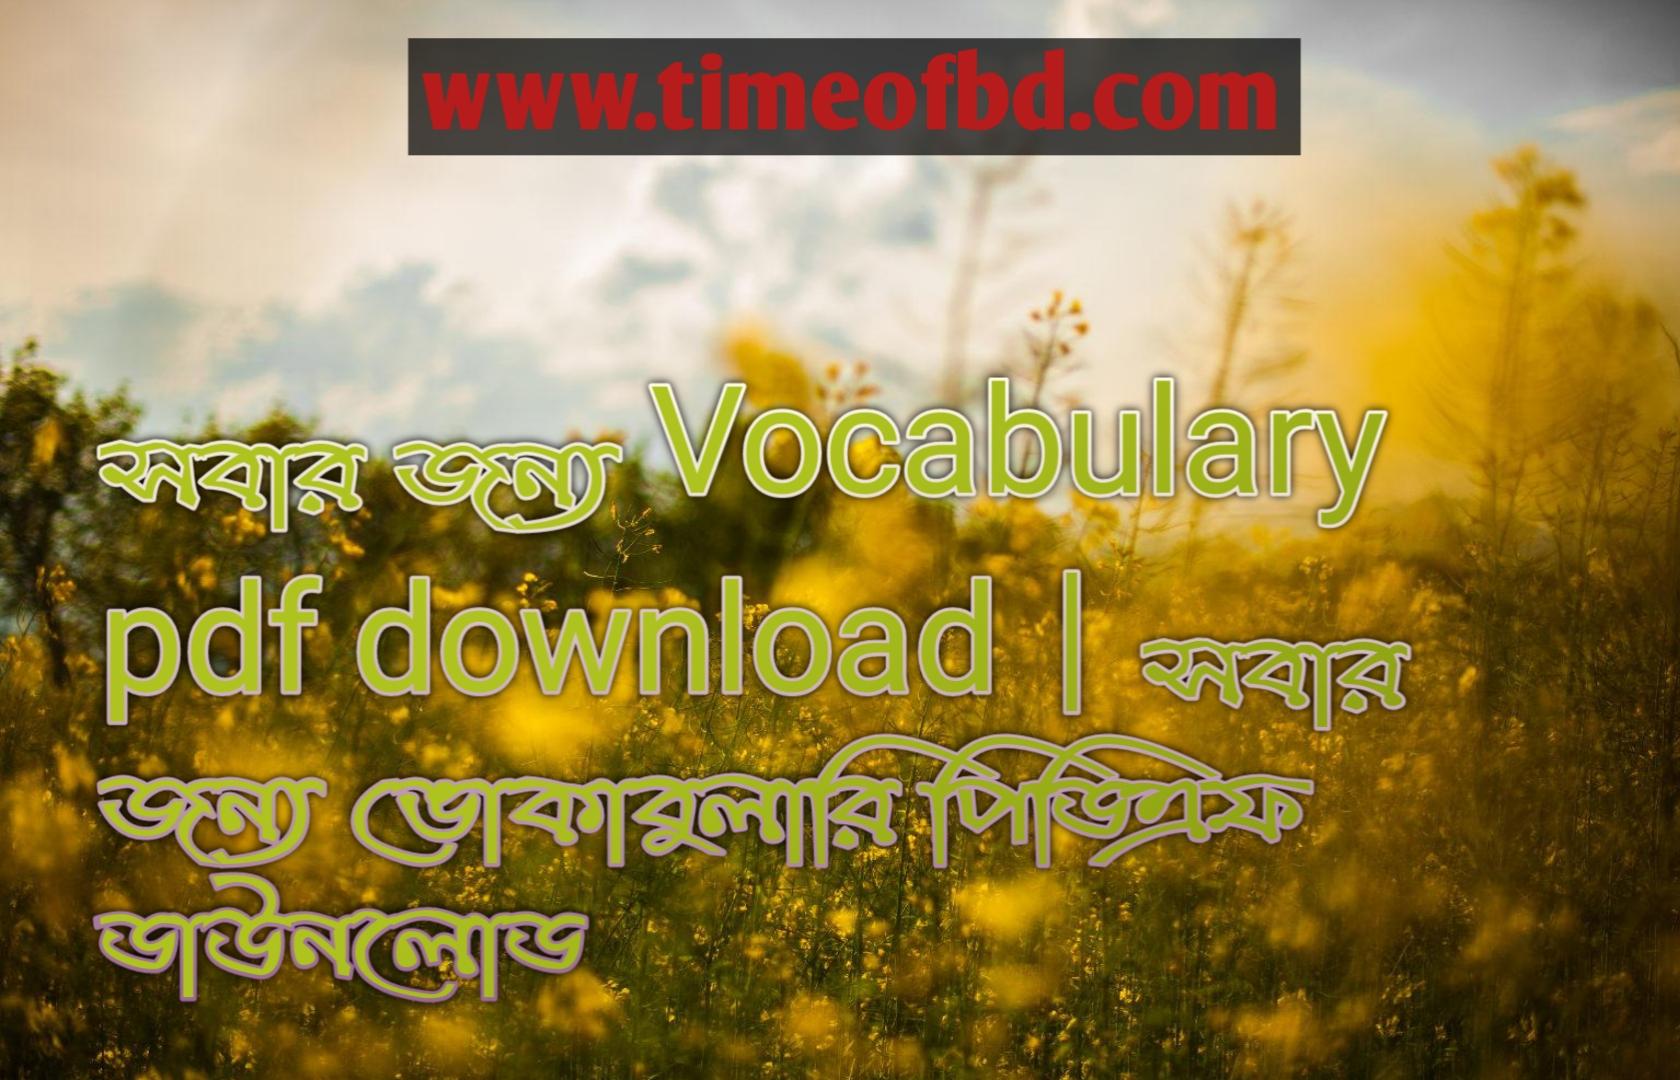 সবার জন্য Vocabulary pdf download,  সবার জন্য ভোকাবুলারি পিডিএফ ডাউনলোড, সবার জন্য ভোকাবুলারি pdf, সবার জন্য ভোকাবুলারি pdf free download,